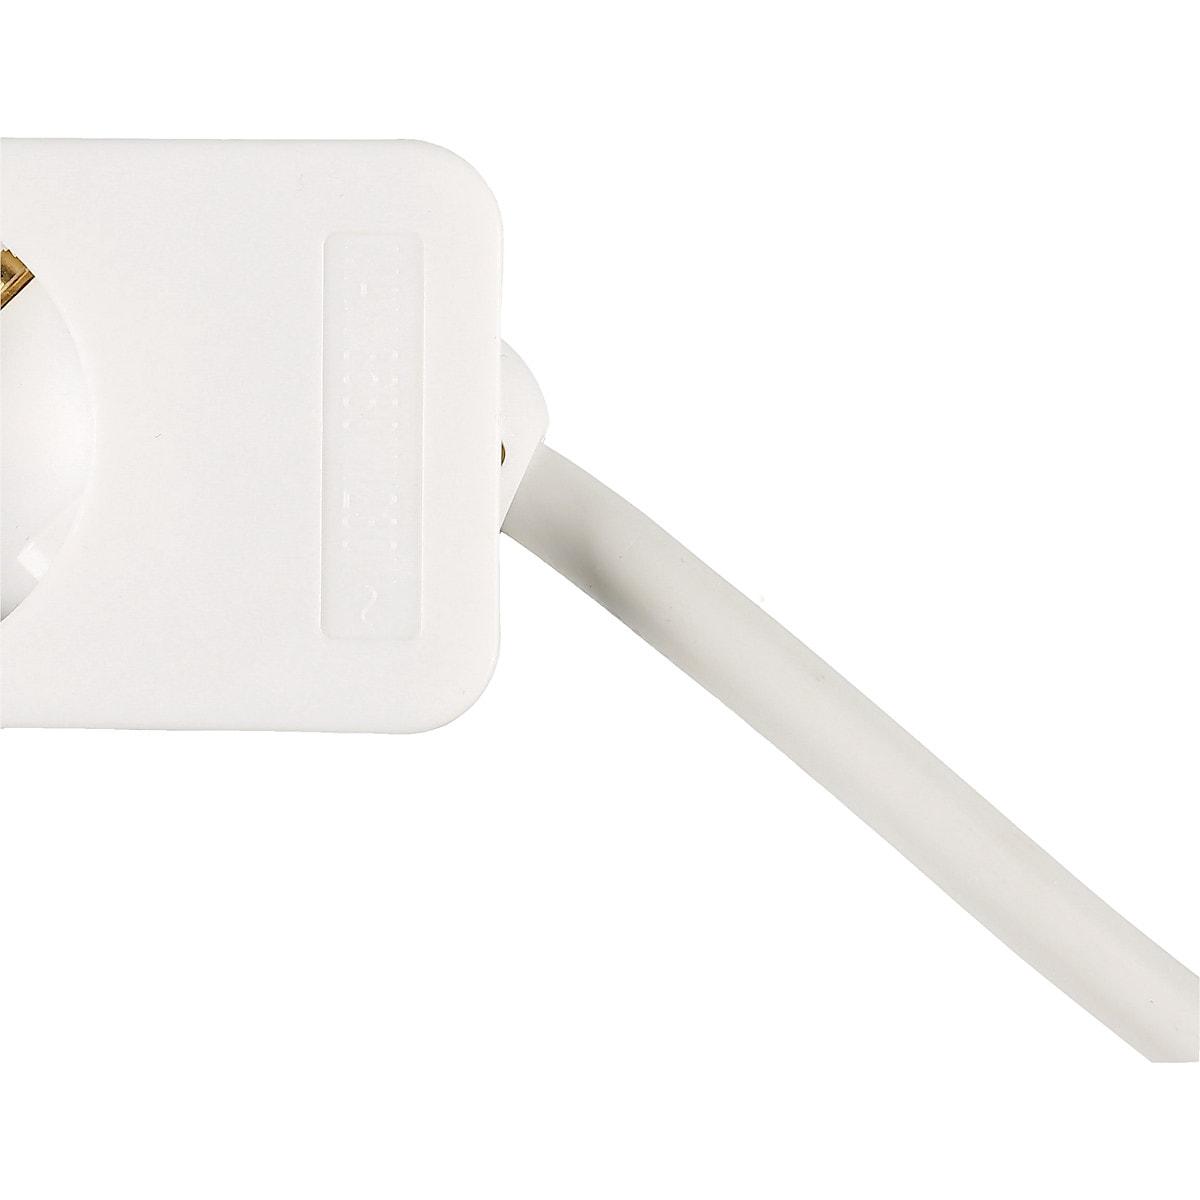 Grenuttak 5-veis, strømbryter, 1,4 m kabel